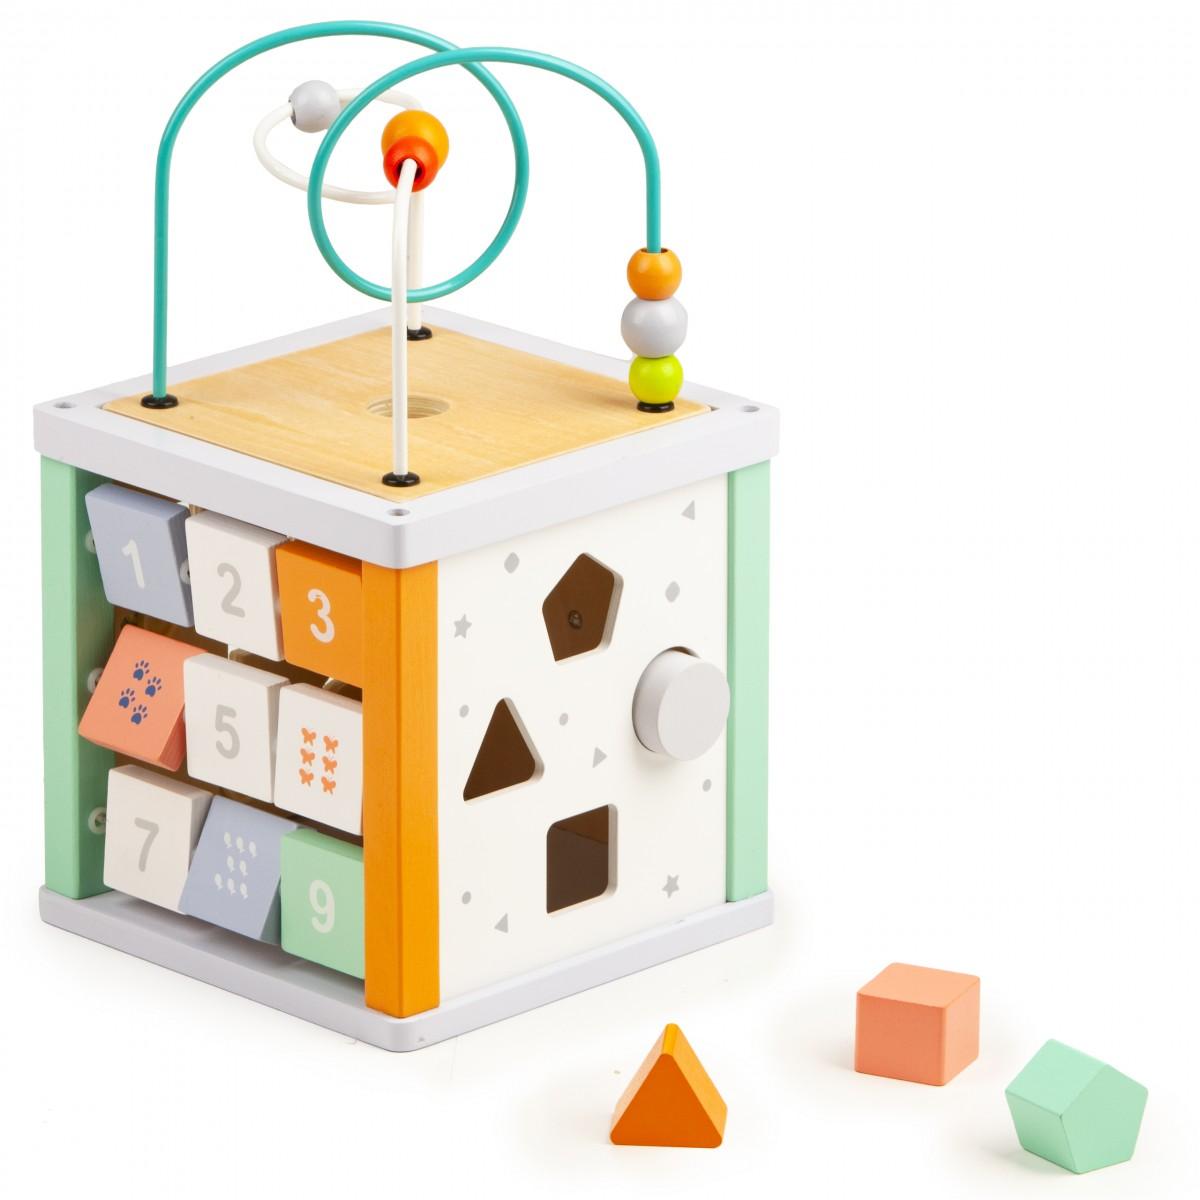 Vzdelávacia drevená kocka pre deti + malé kocky